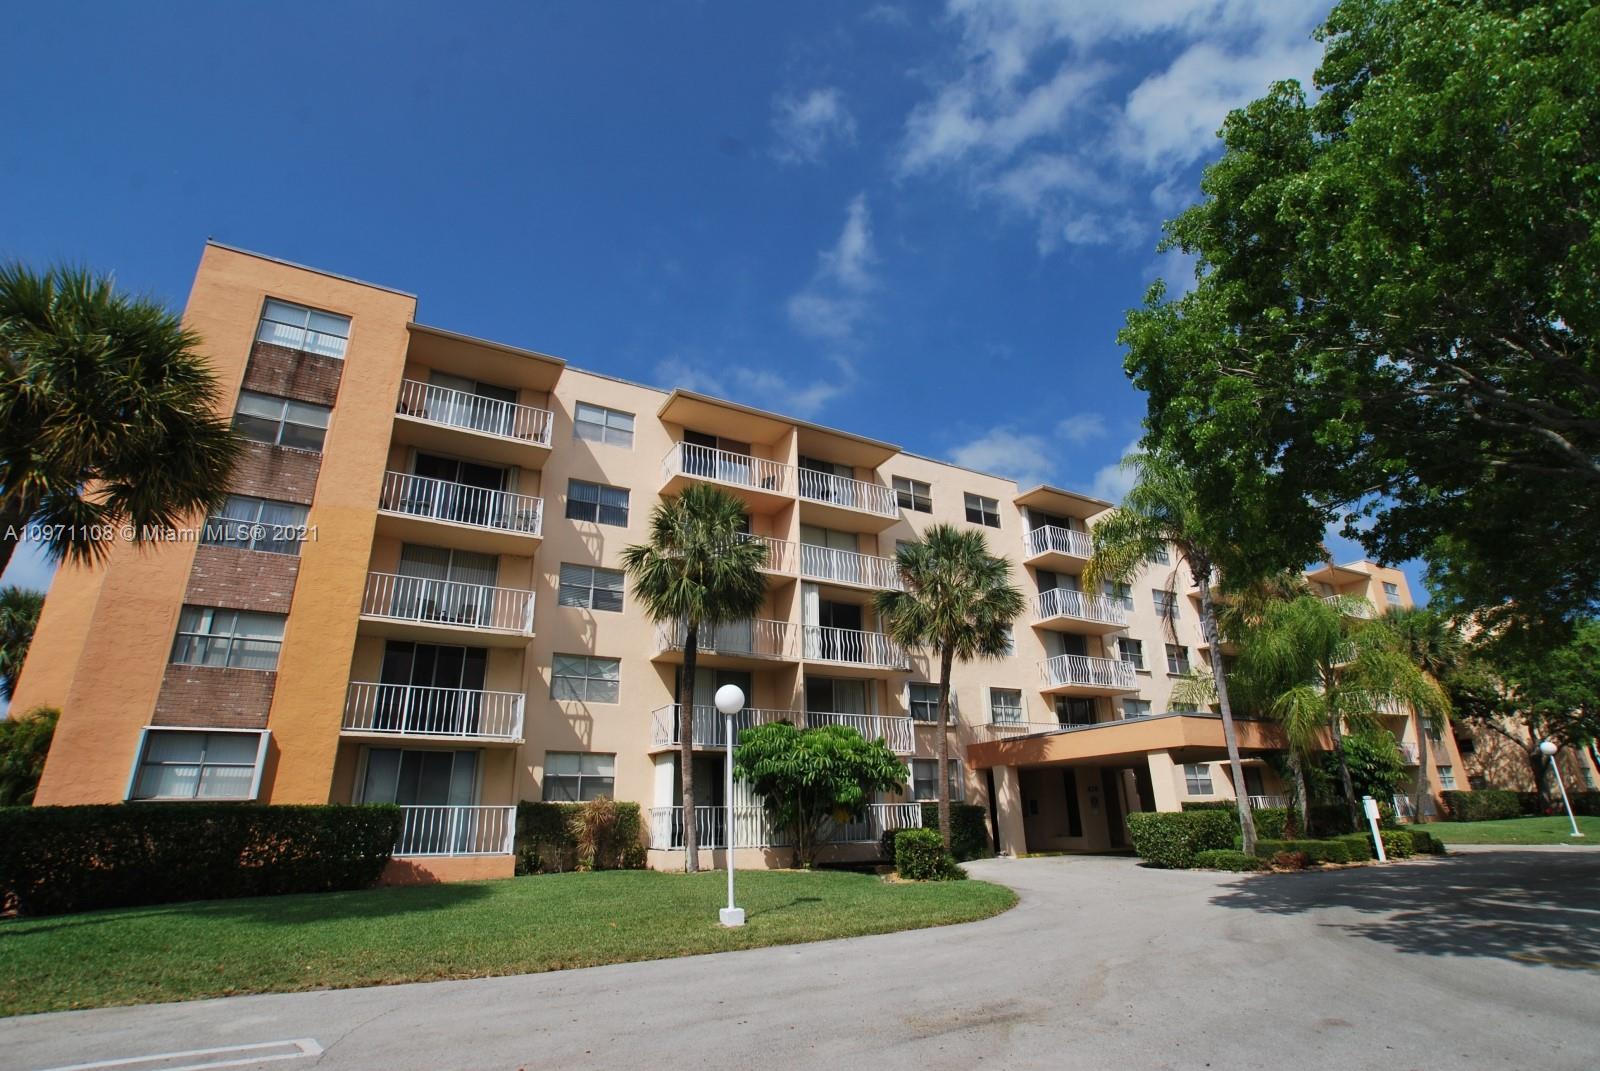 470  Executive Center Dr #2D For Sale A10971108, FL